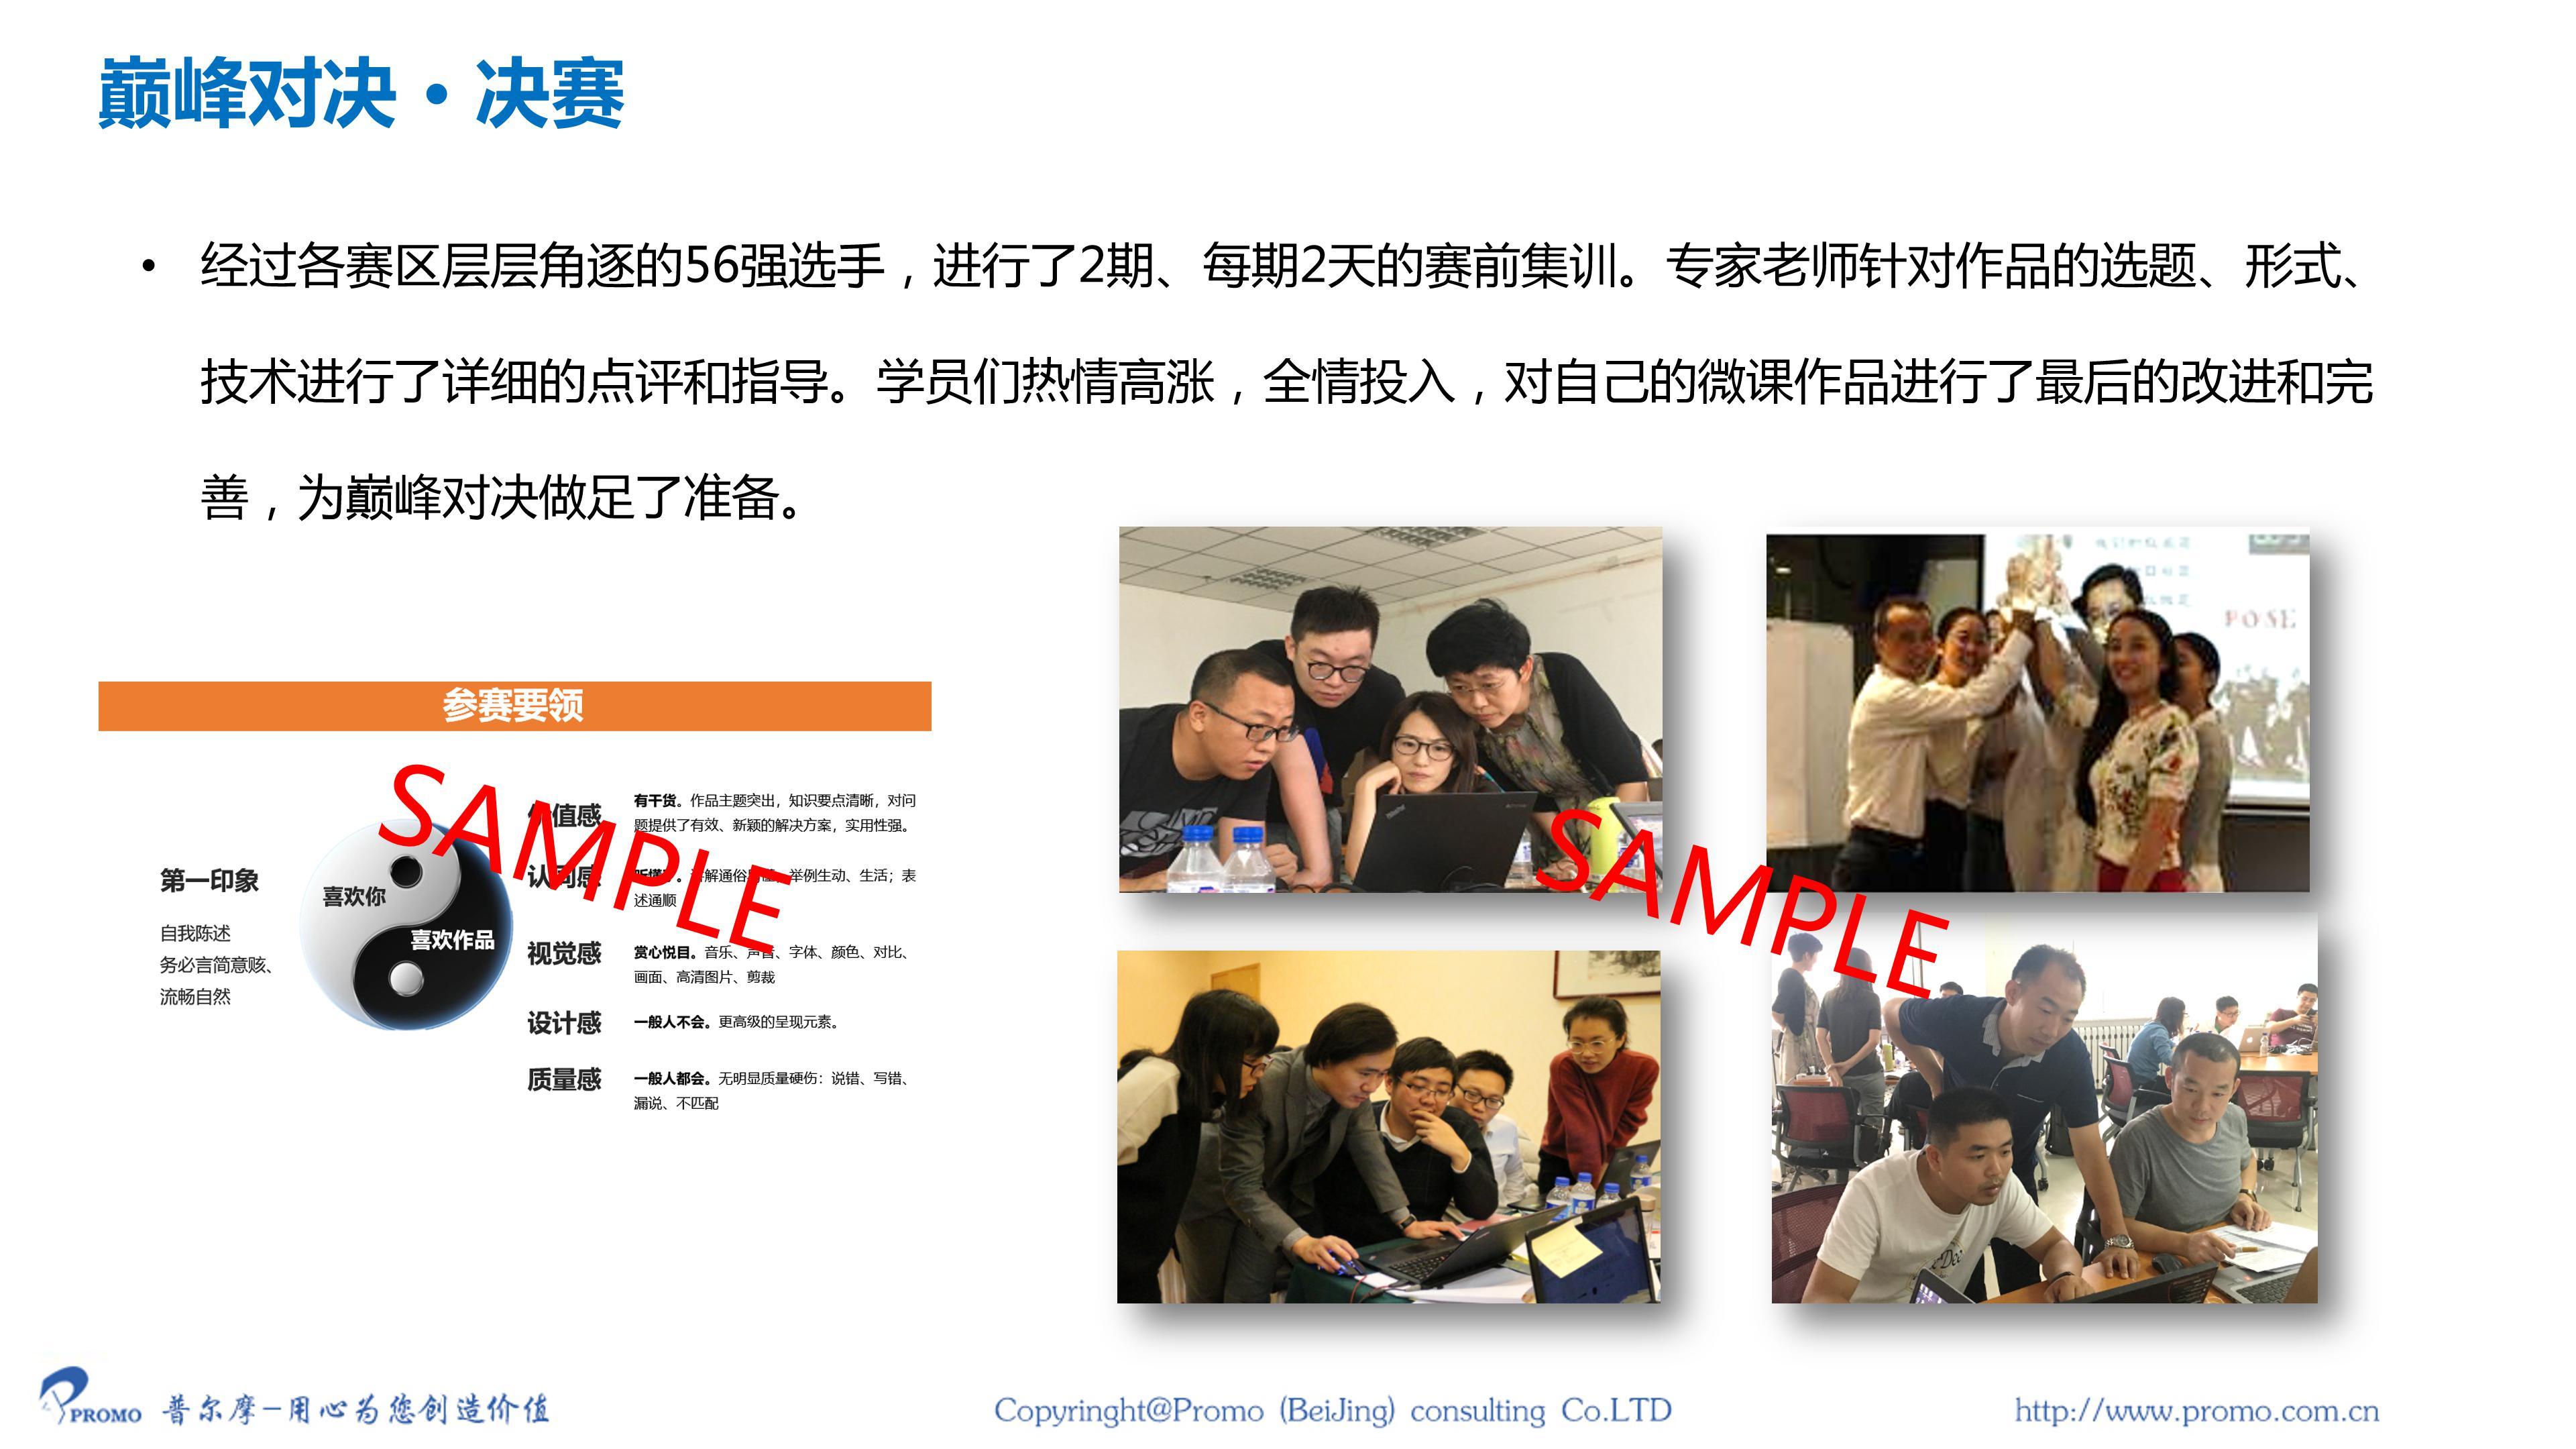 20190415一汽集团微课大赛项目案例_08